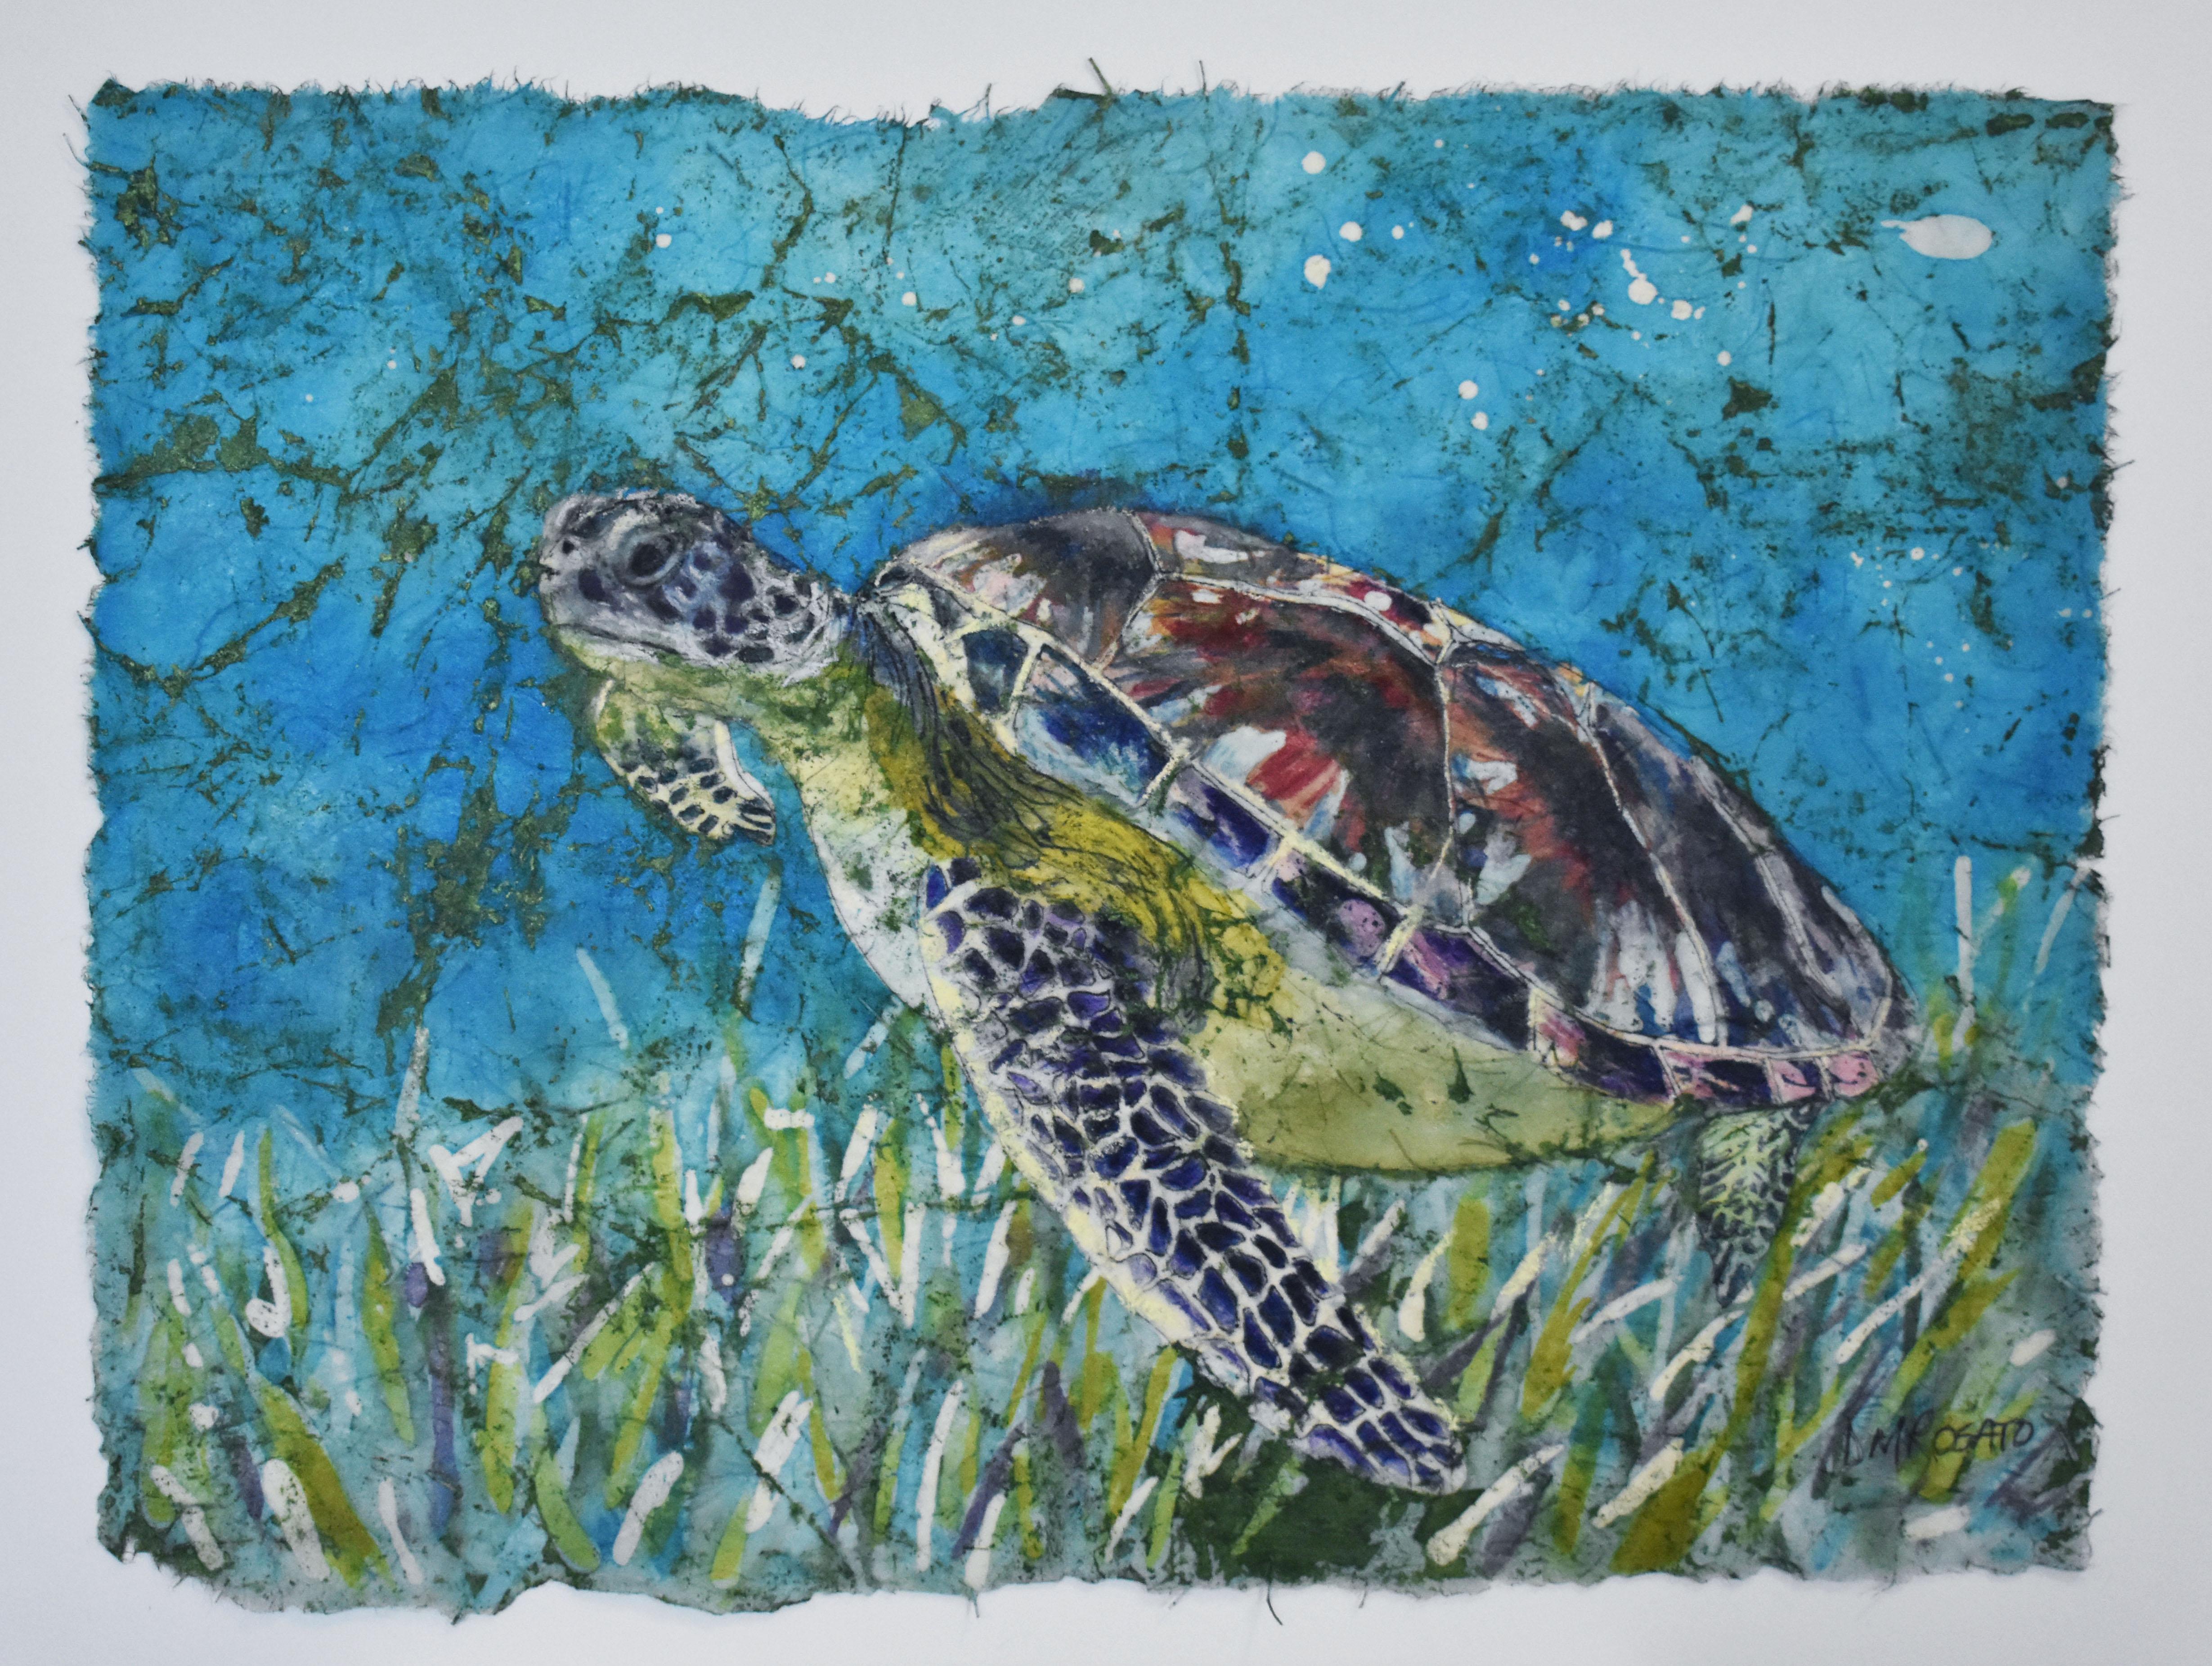 Green Turtle 14x11